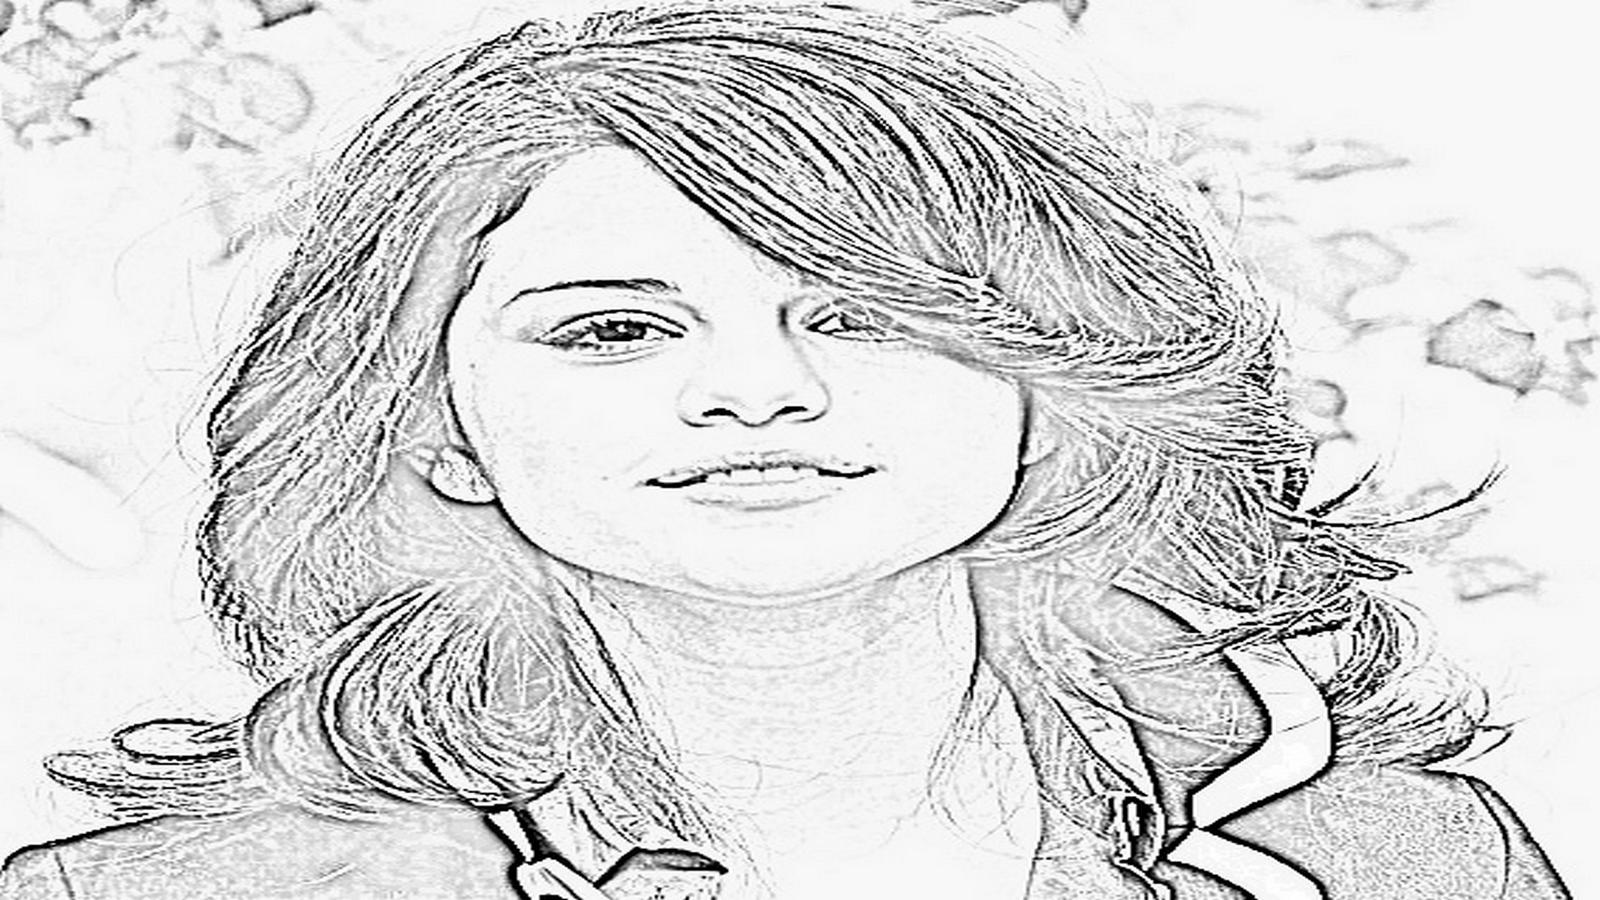 sketch wallpaper hd 1080p - photo #4